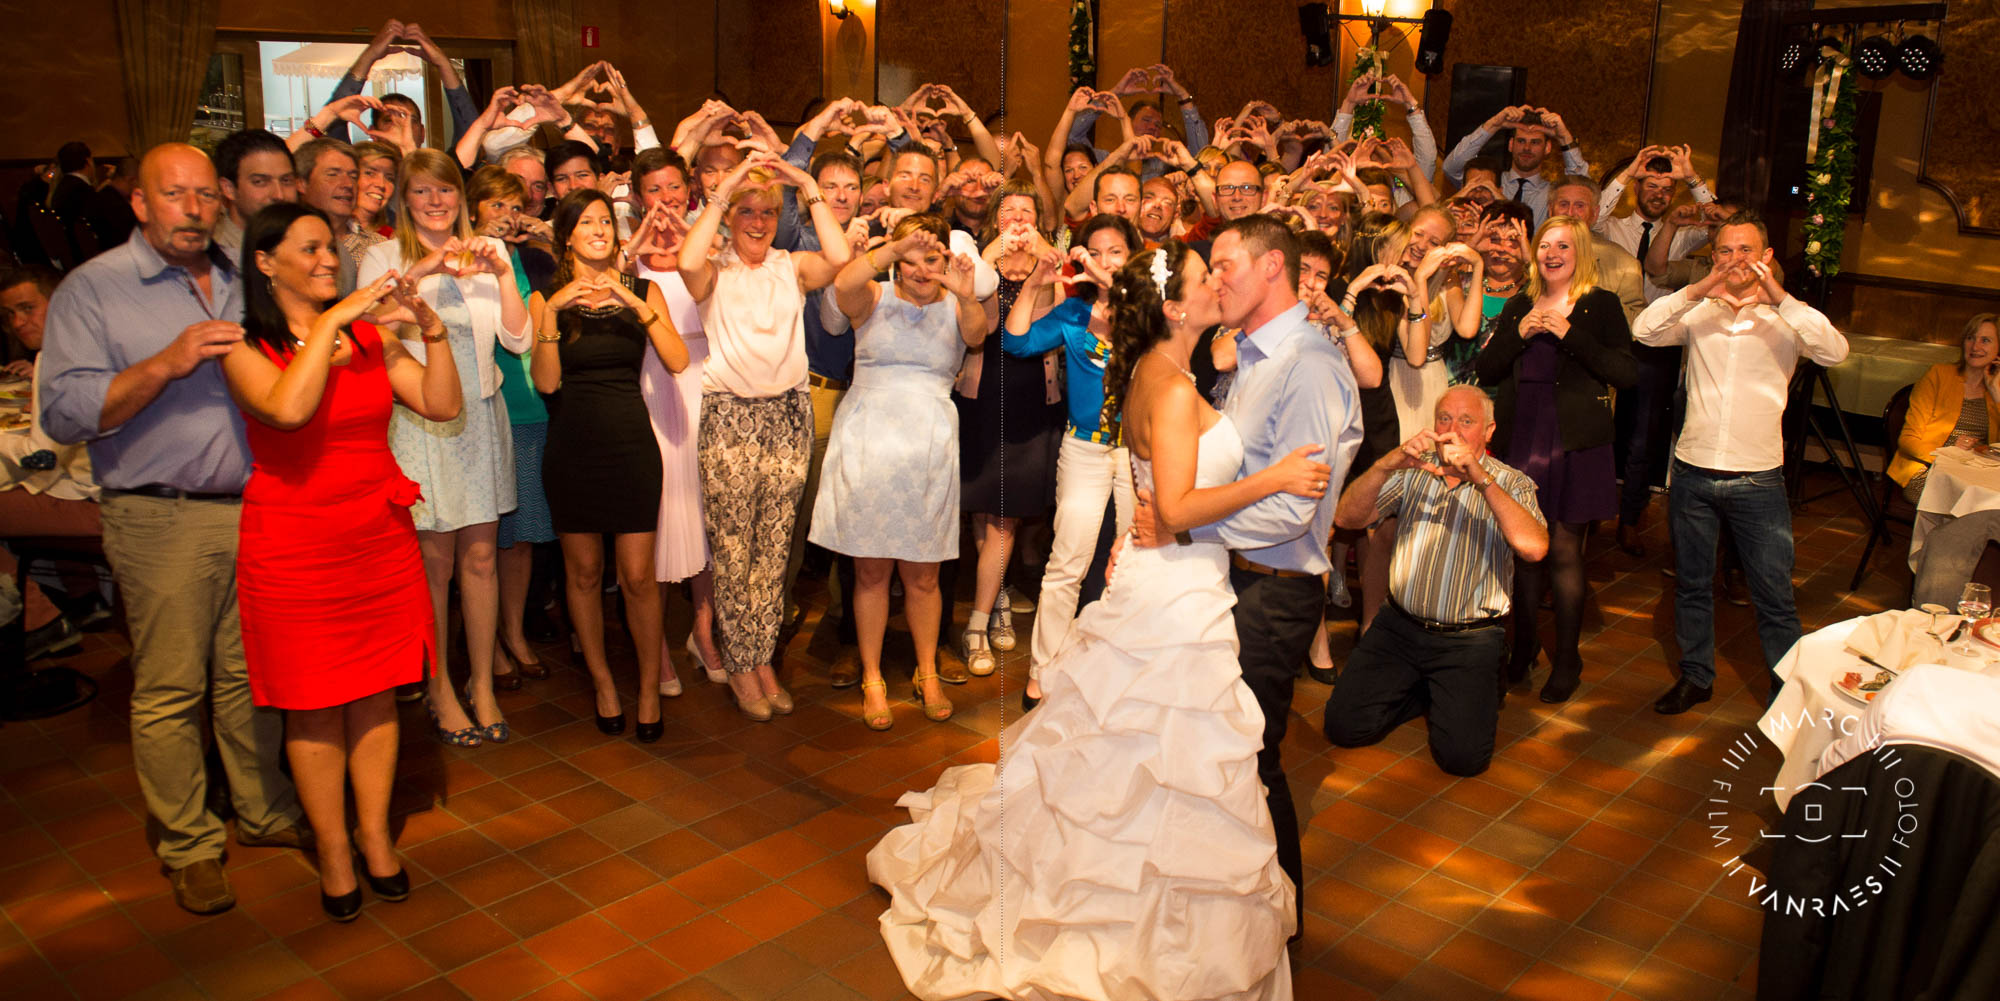 © De trouwfoto's zijn genomen door Fotografie Marc Vanraes-17